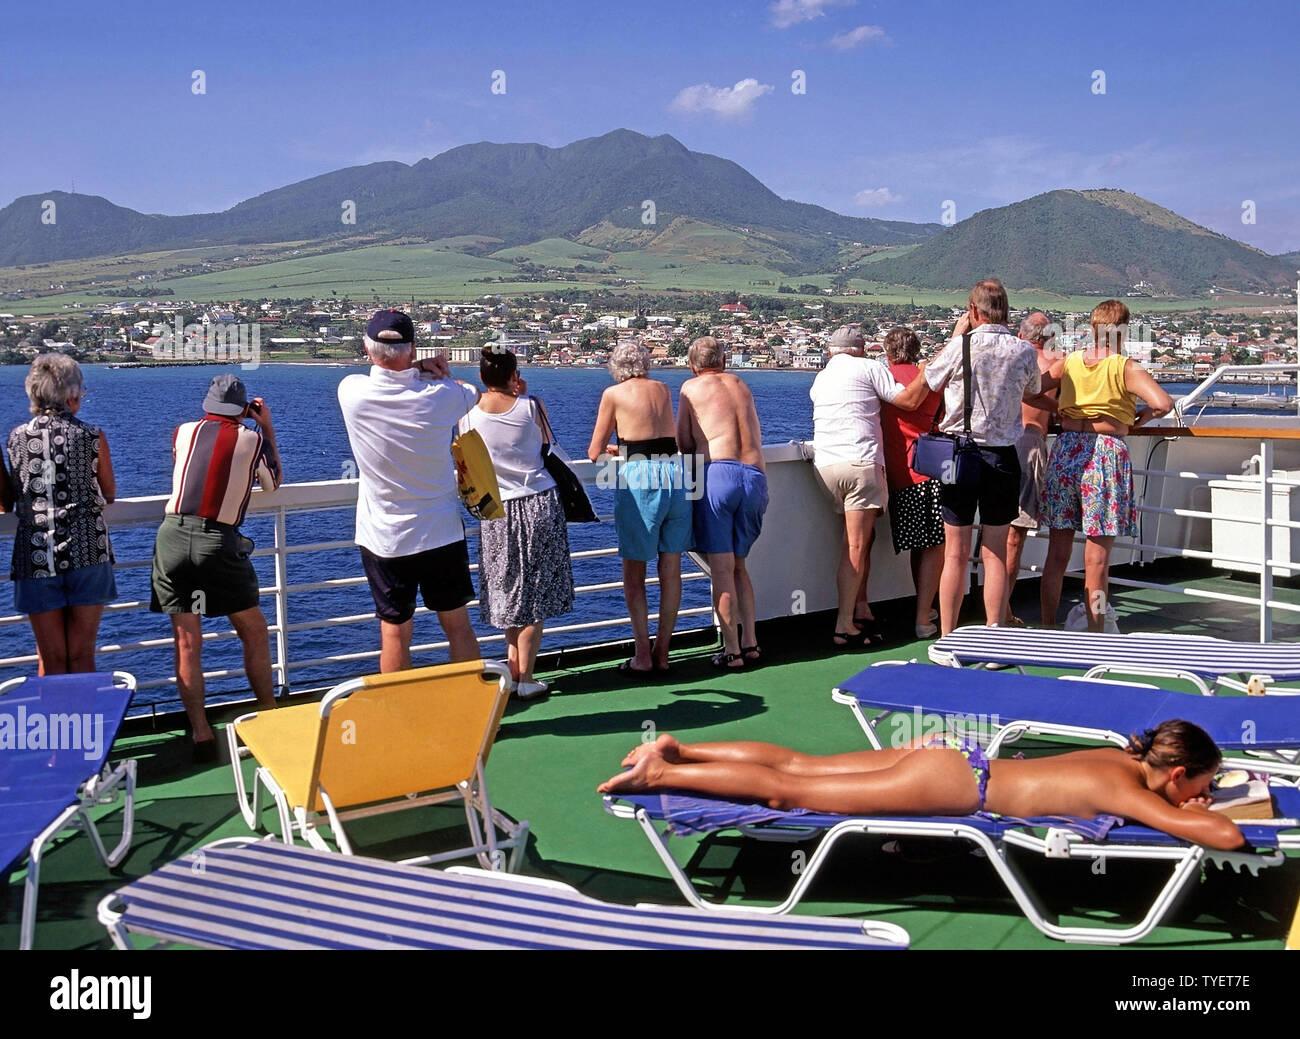 1990 s Frau Sonnenbaden & Paare Futter Geländer auf Kreuzfahrtschiff liner deck Fotos von Basseterre Küste Landschaft Karibikinsel St. Kitts Stockbild